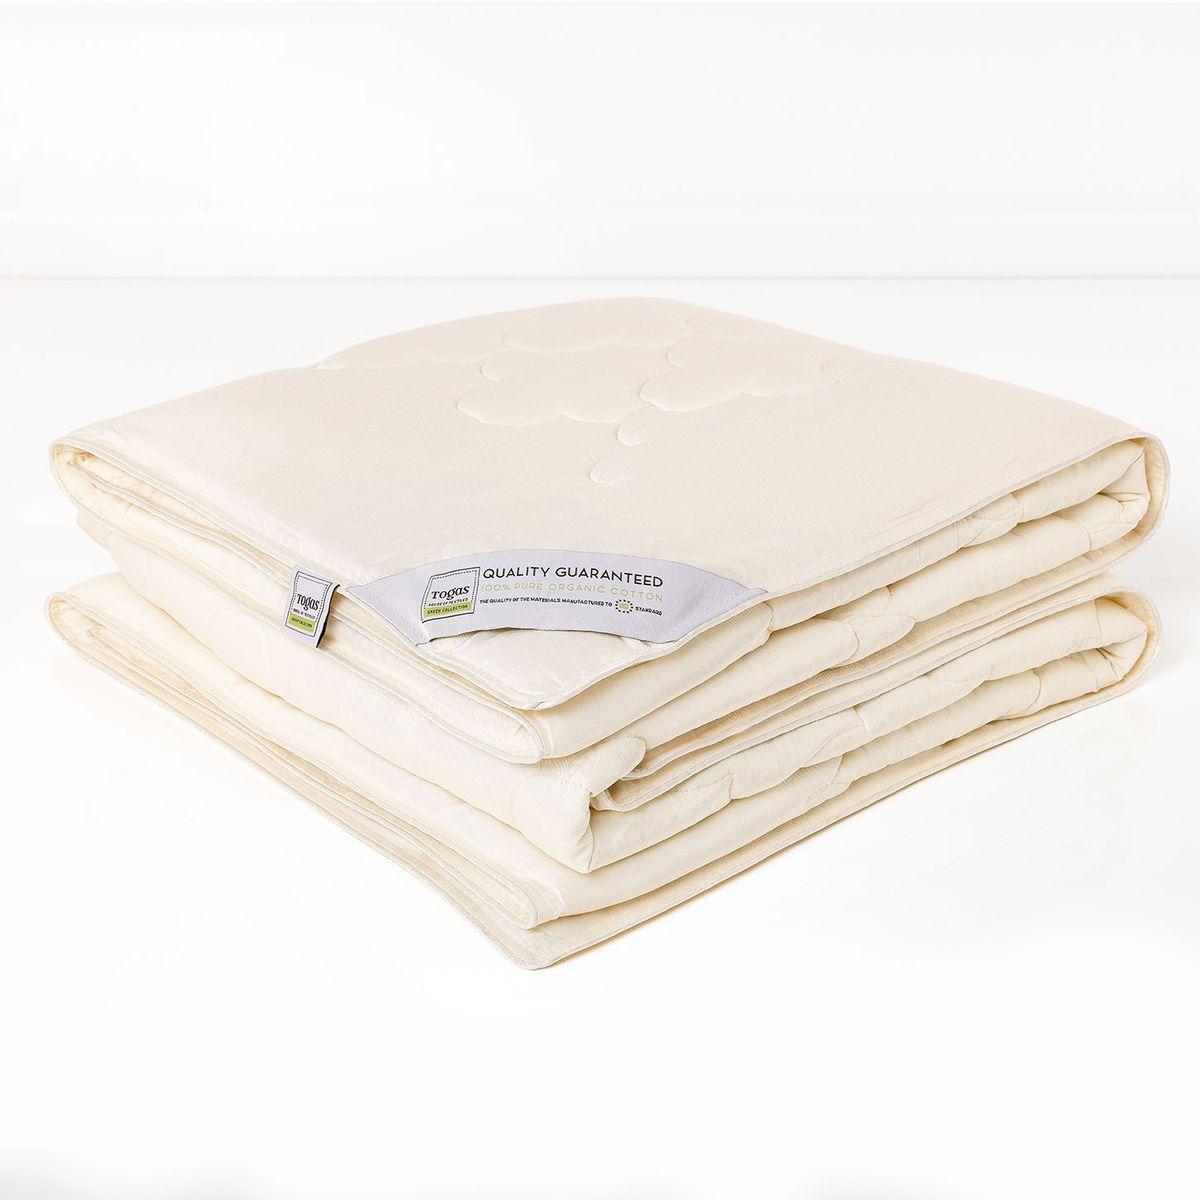 Одеяло Togas, наполнитель: хлопок, цвет: экрю, 220 х 240 см20.04.12.0007Одеяло Togas создаст комфортные условия для сна благодаря уникальным природным свойствам бамбука, входящего в состав наполнителя. Бамбуковое волокно мягкое и приятное на ощупь, по виду напоминает шелк и кашемир. В качестве наполнителя использован натуральный хлопок - высокопрочный, самый популярный в мире натуральный материал, известный своими впитывающими и терморегулирующими свойствами. Это одеяло поистине совершенно, ведь в нем объединились новейшие технологии, и безграничная сила природы…Одеяло из бамбукового волокна очень практично - за ним несложно ухаживать в домашних условиях.